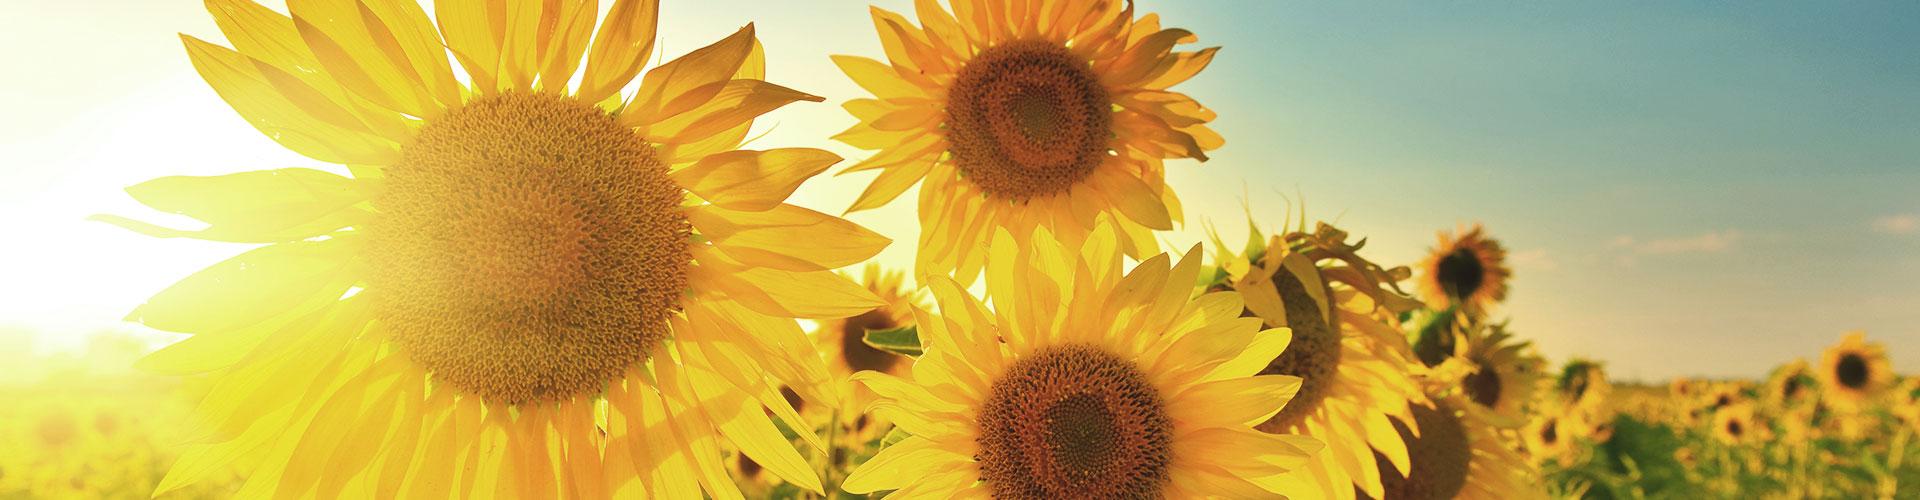 Sonnenblumen, im Hintergrund geht die Sonne unter